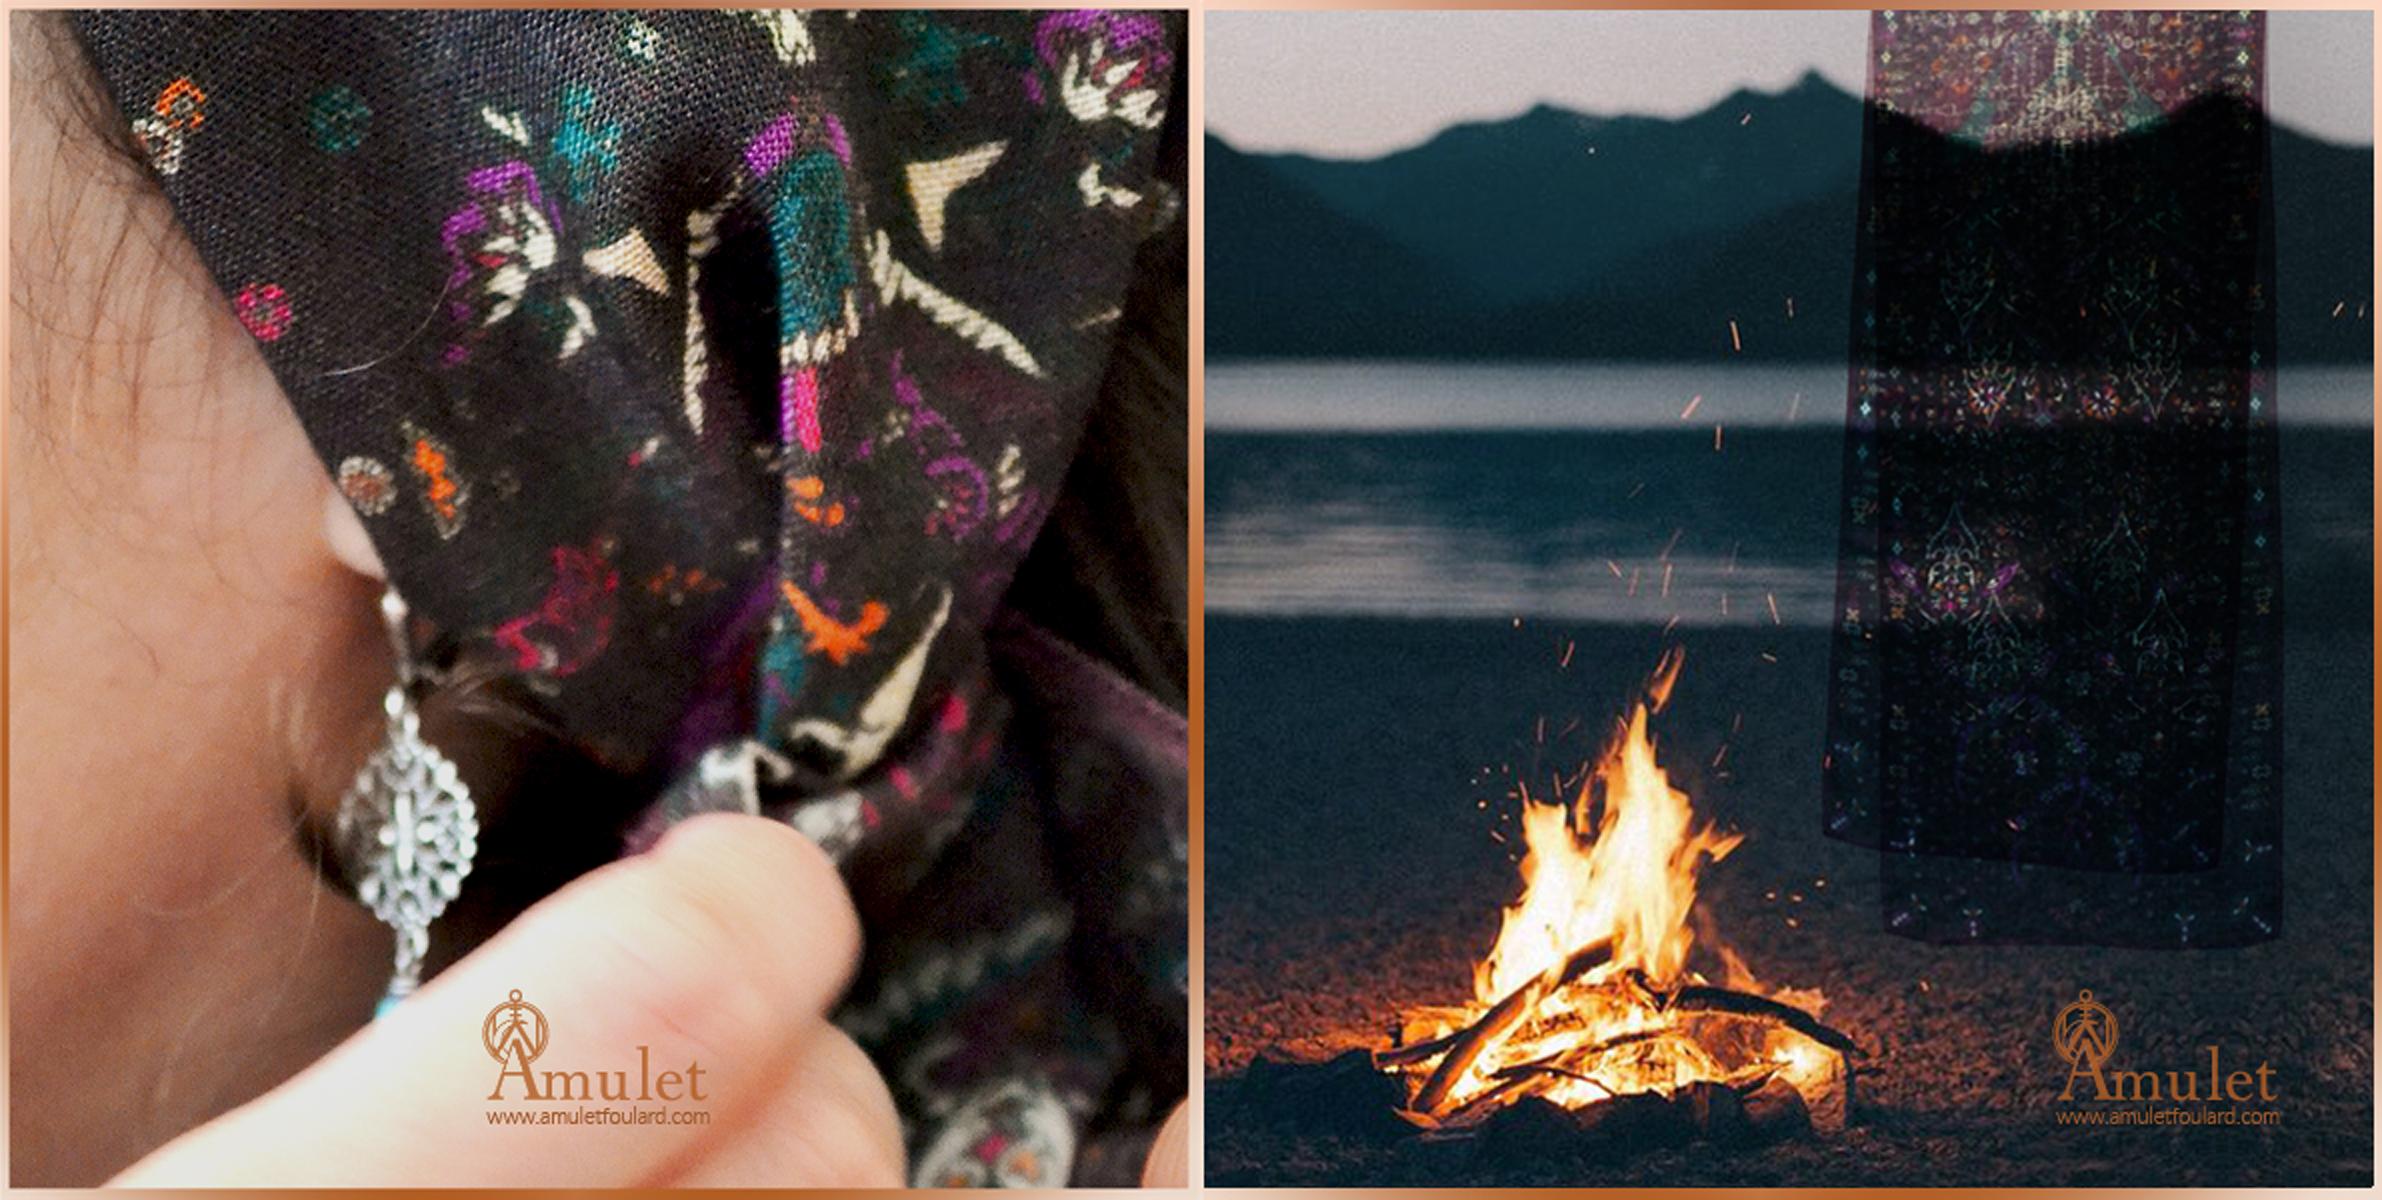 amulet-foulard-etole-akna-autumn-impression-automne-atmosphere-vent-feu-de-camp-fire-wind-mood-laine-soie-knot-style-scarf